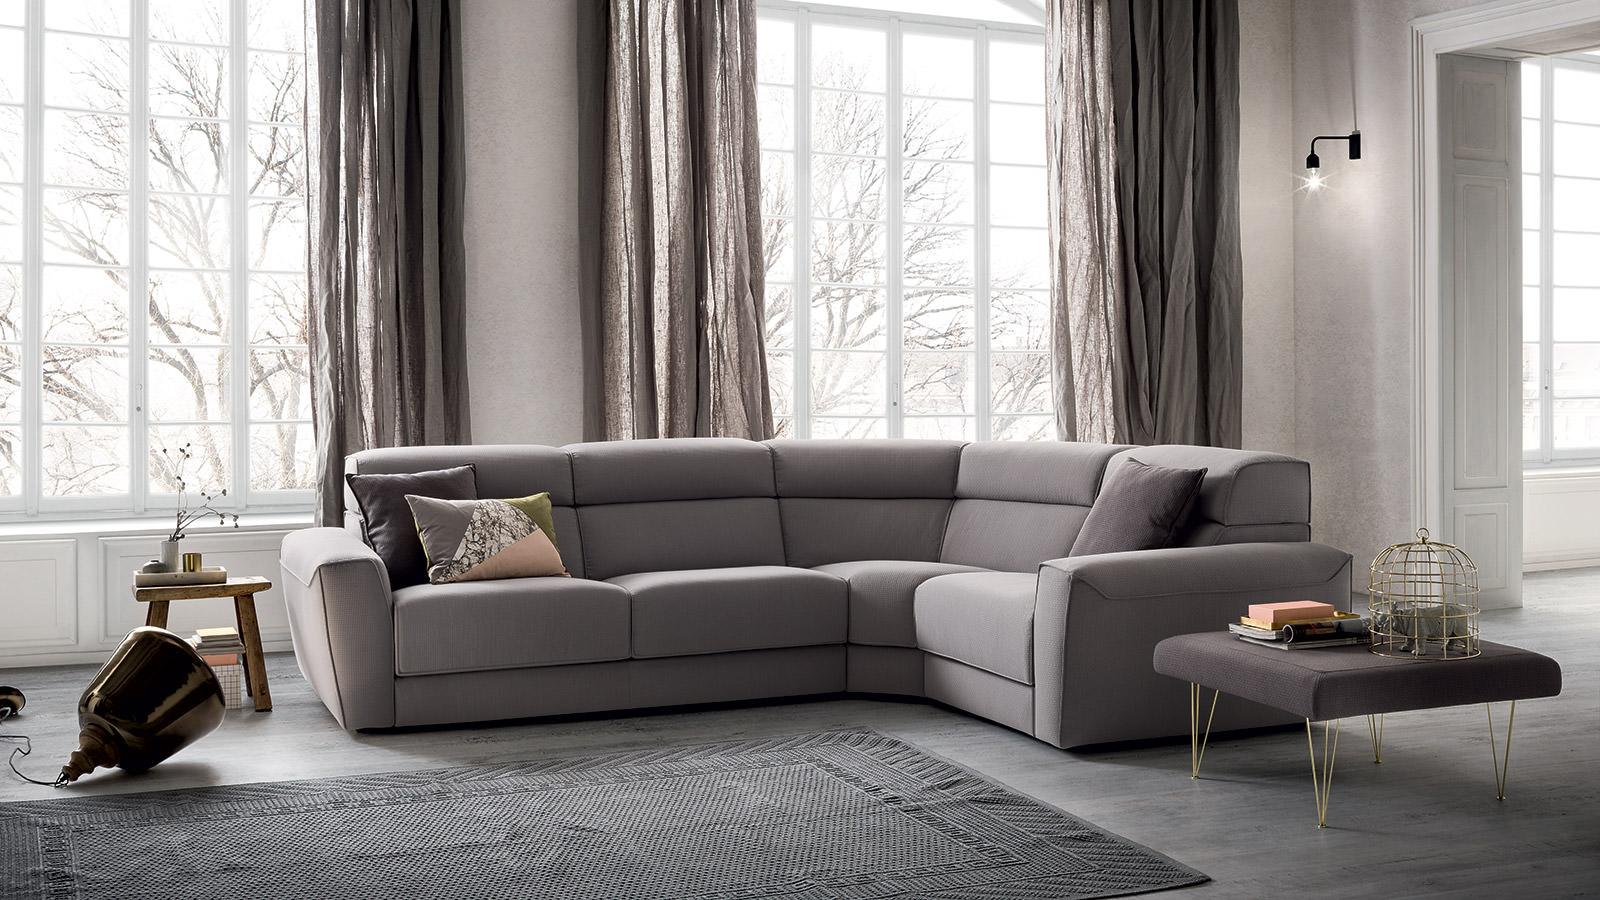 winston divani moderni e di design felis